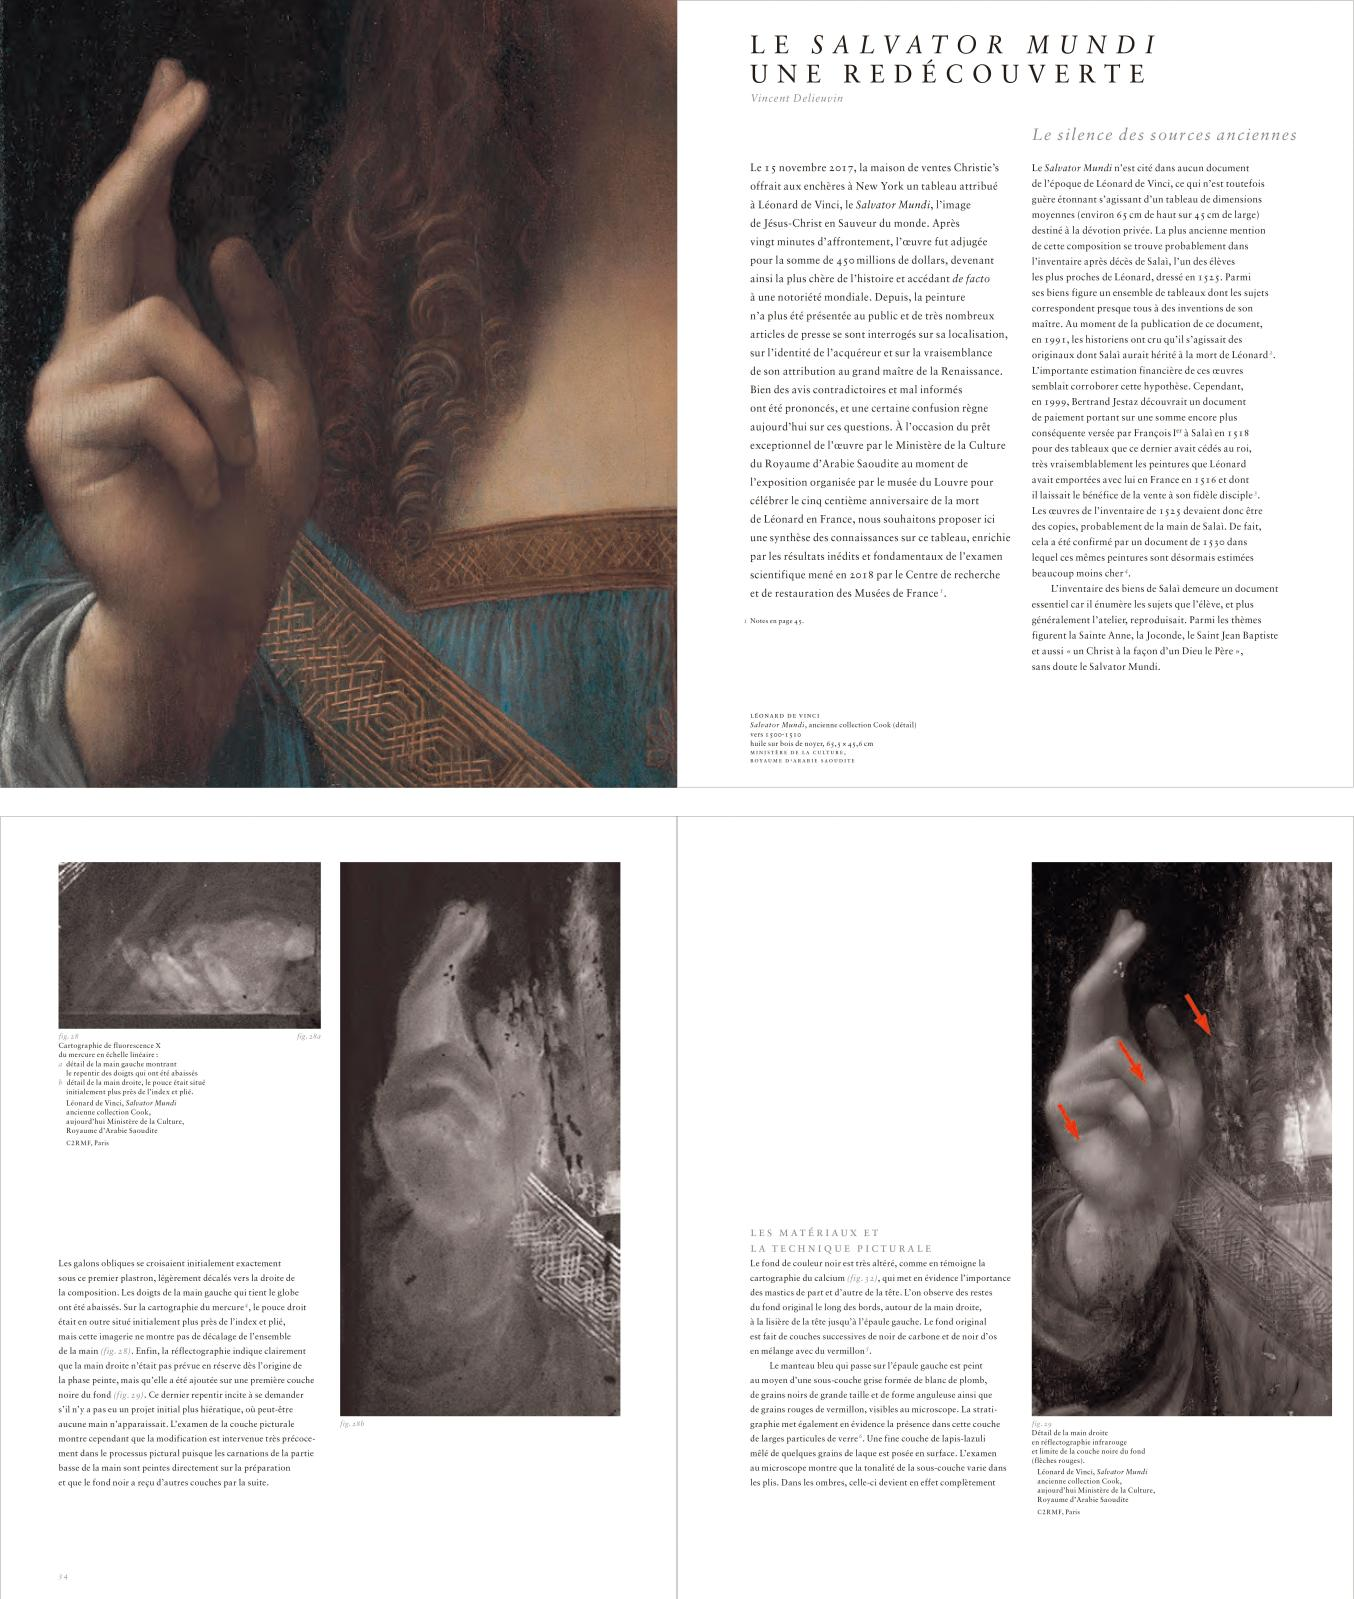 Pages du fameux catalogue du Louvre dédié au Salvator Mundi, montrant les détails de la main droite, ajoutée par le peintre, en réflectogr